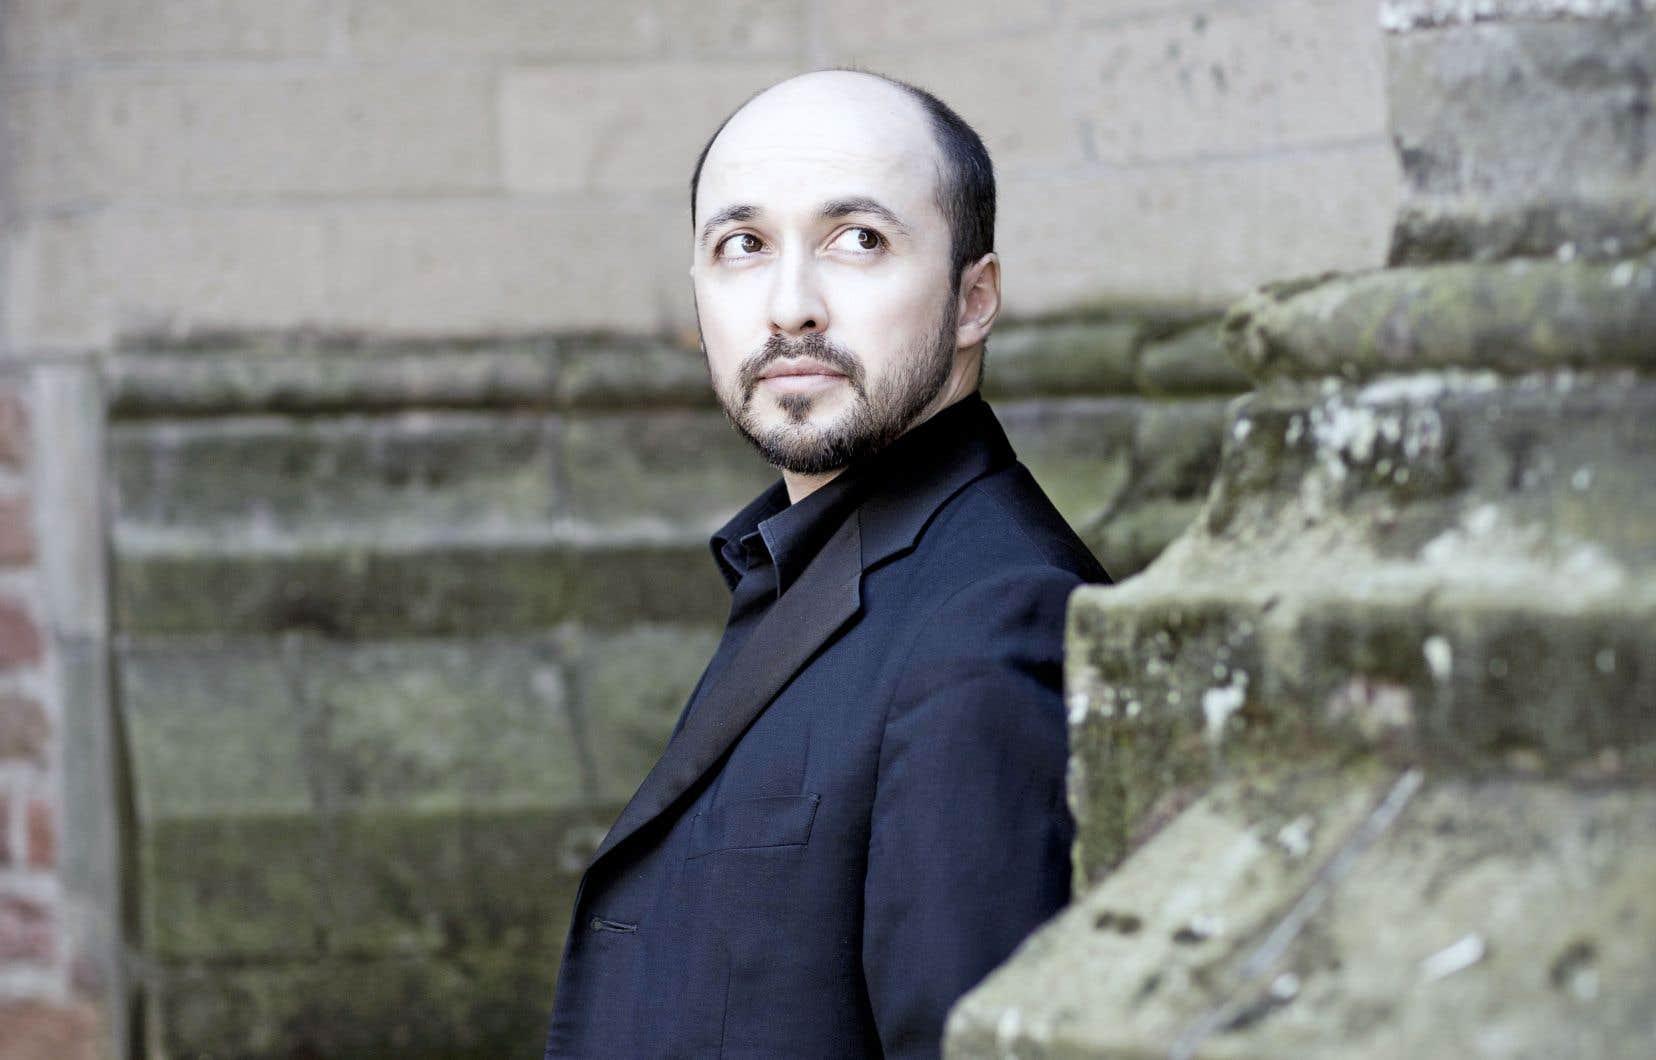 Le claveciniste Luca Guglielmi dirigeait pour une première fois l'orchestre baroque d'Arion.